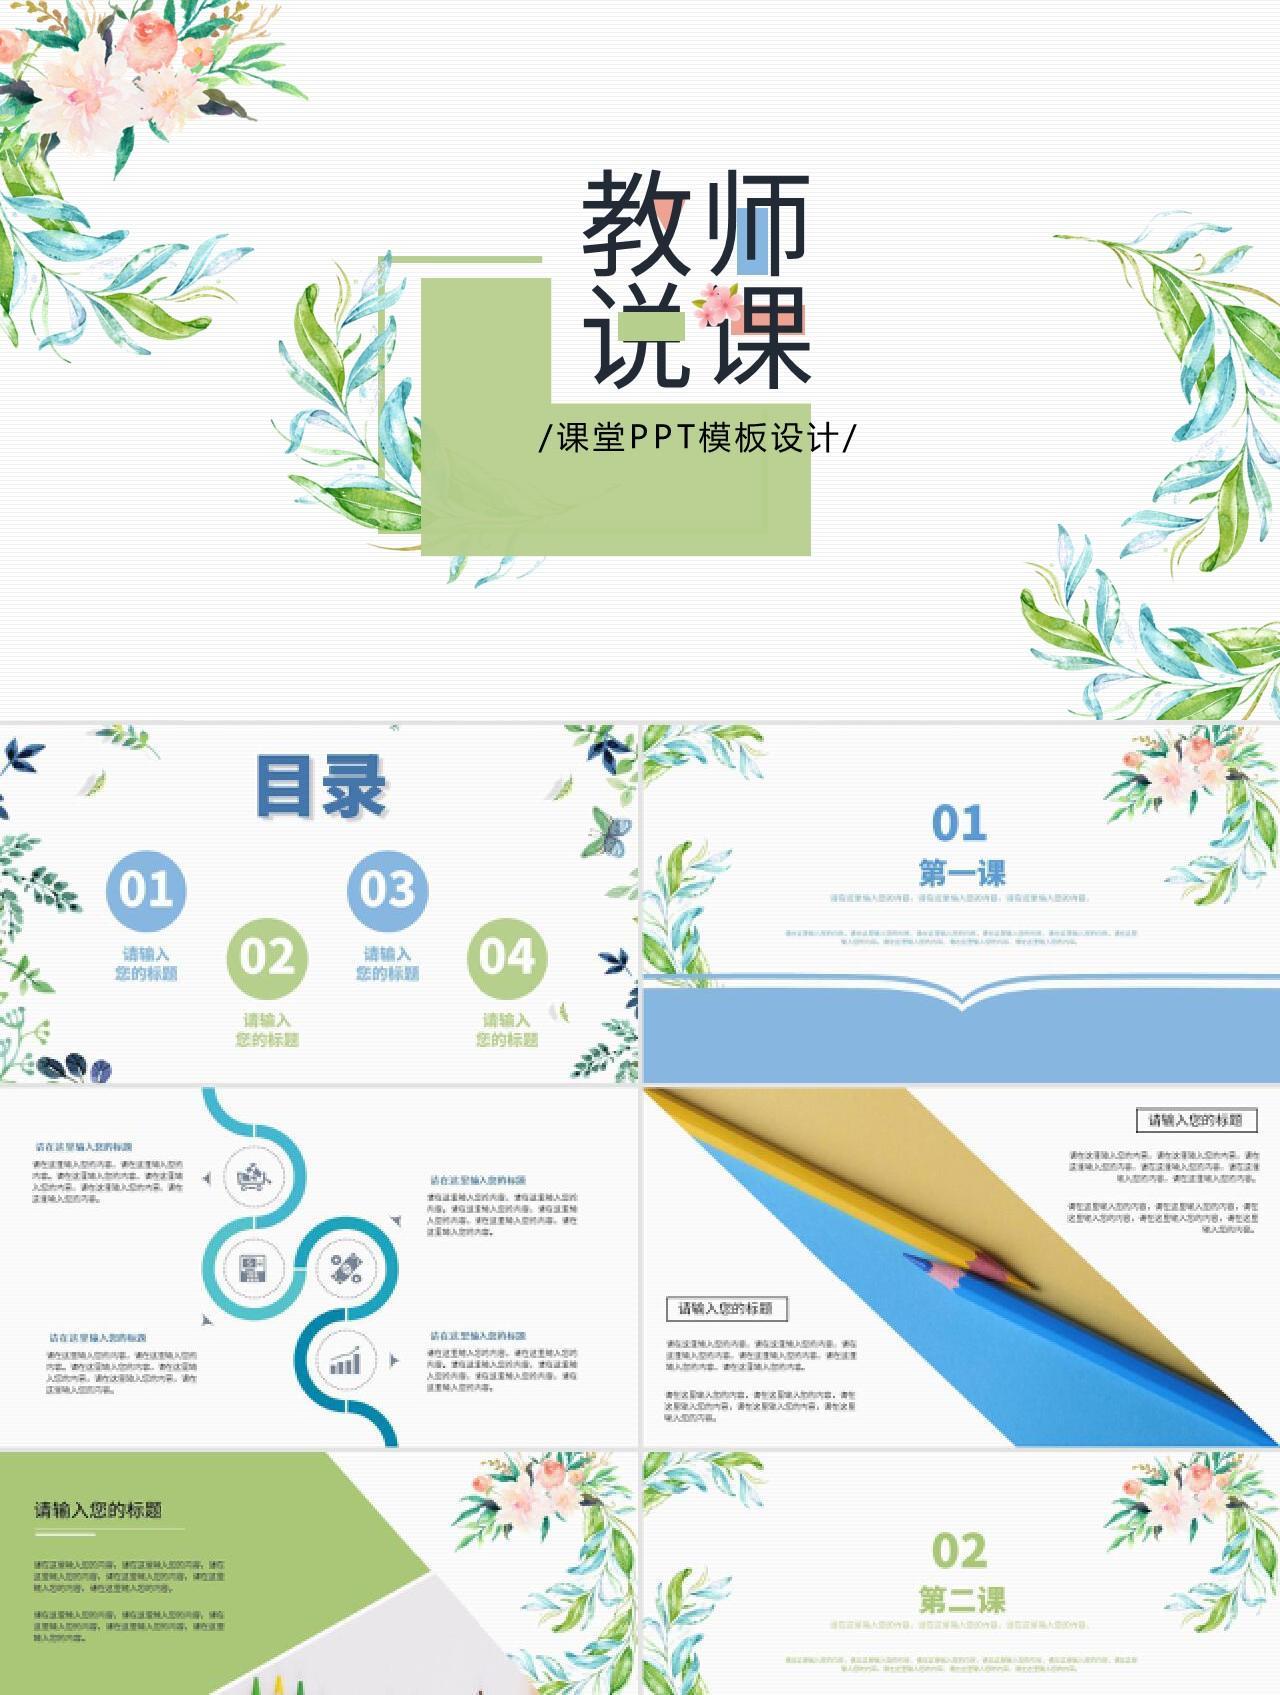 蓝绿色小清新水彩老师课件PPT模板设计